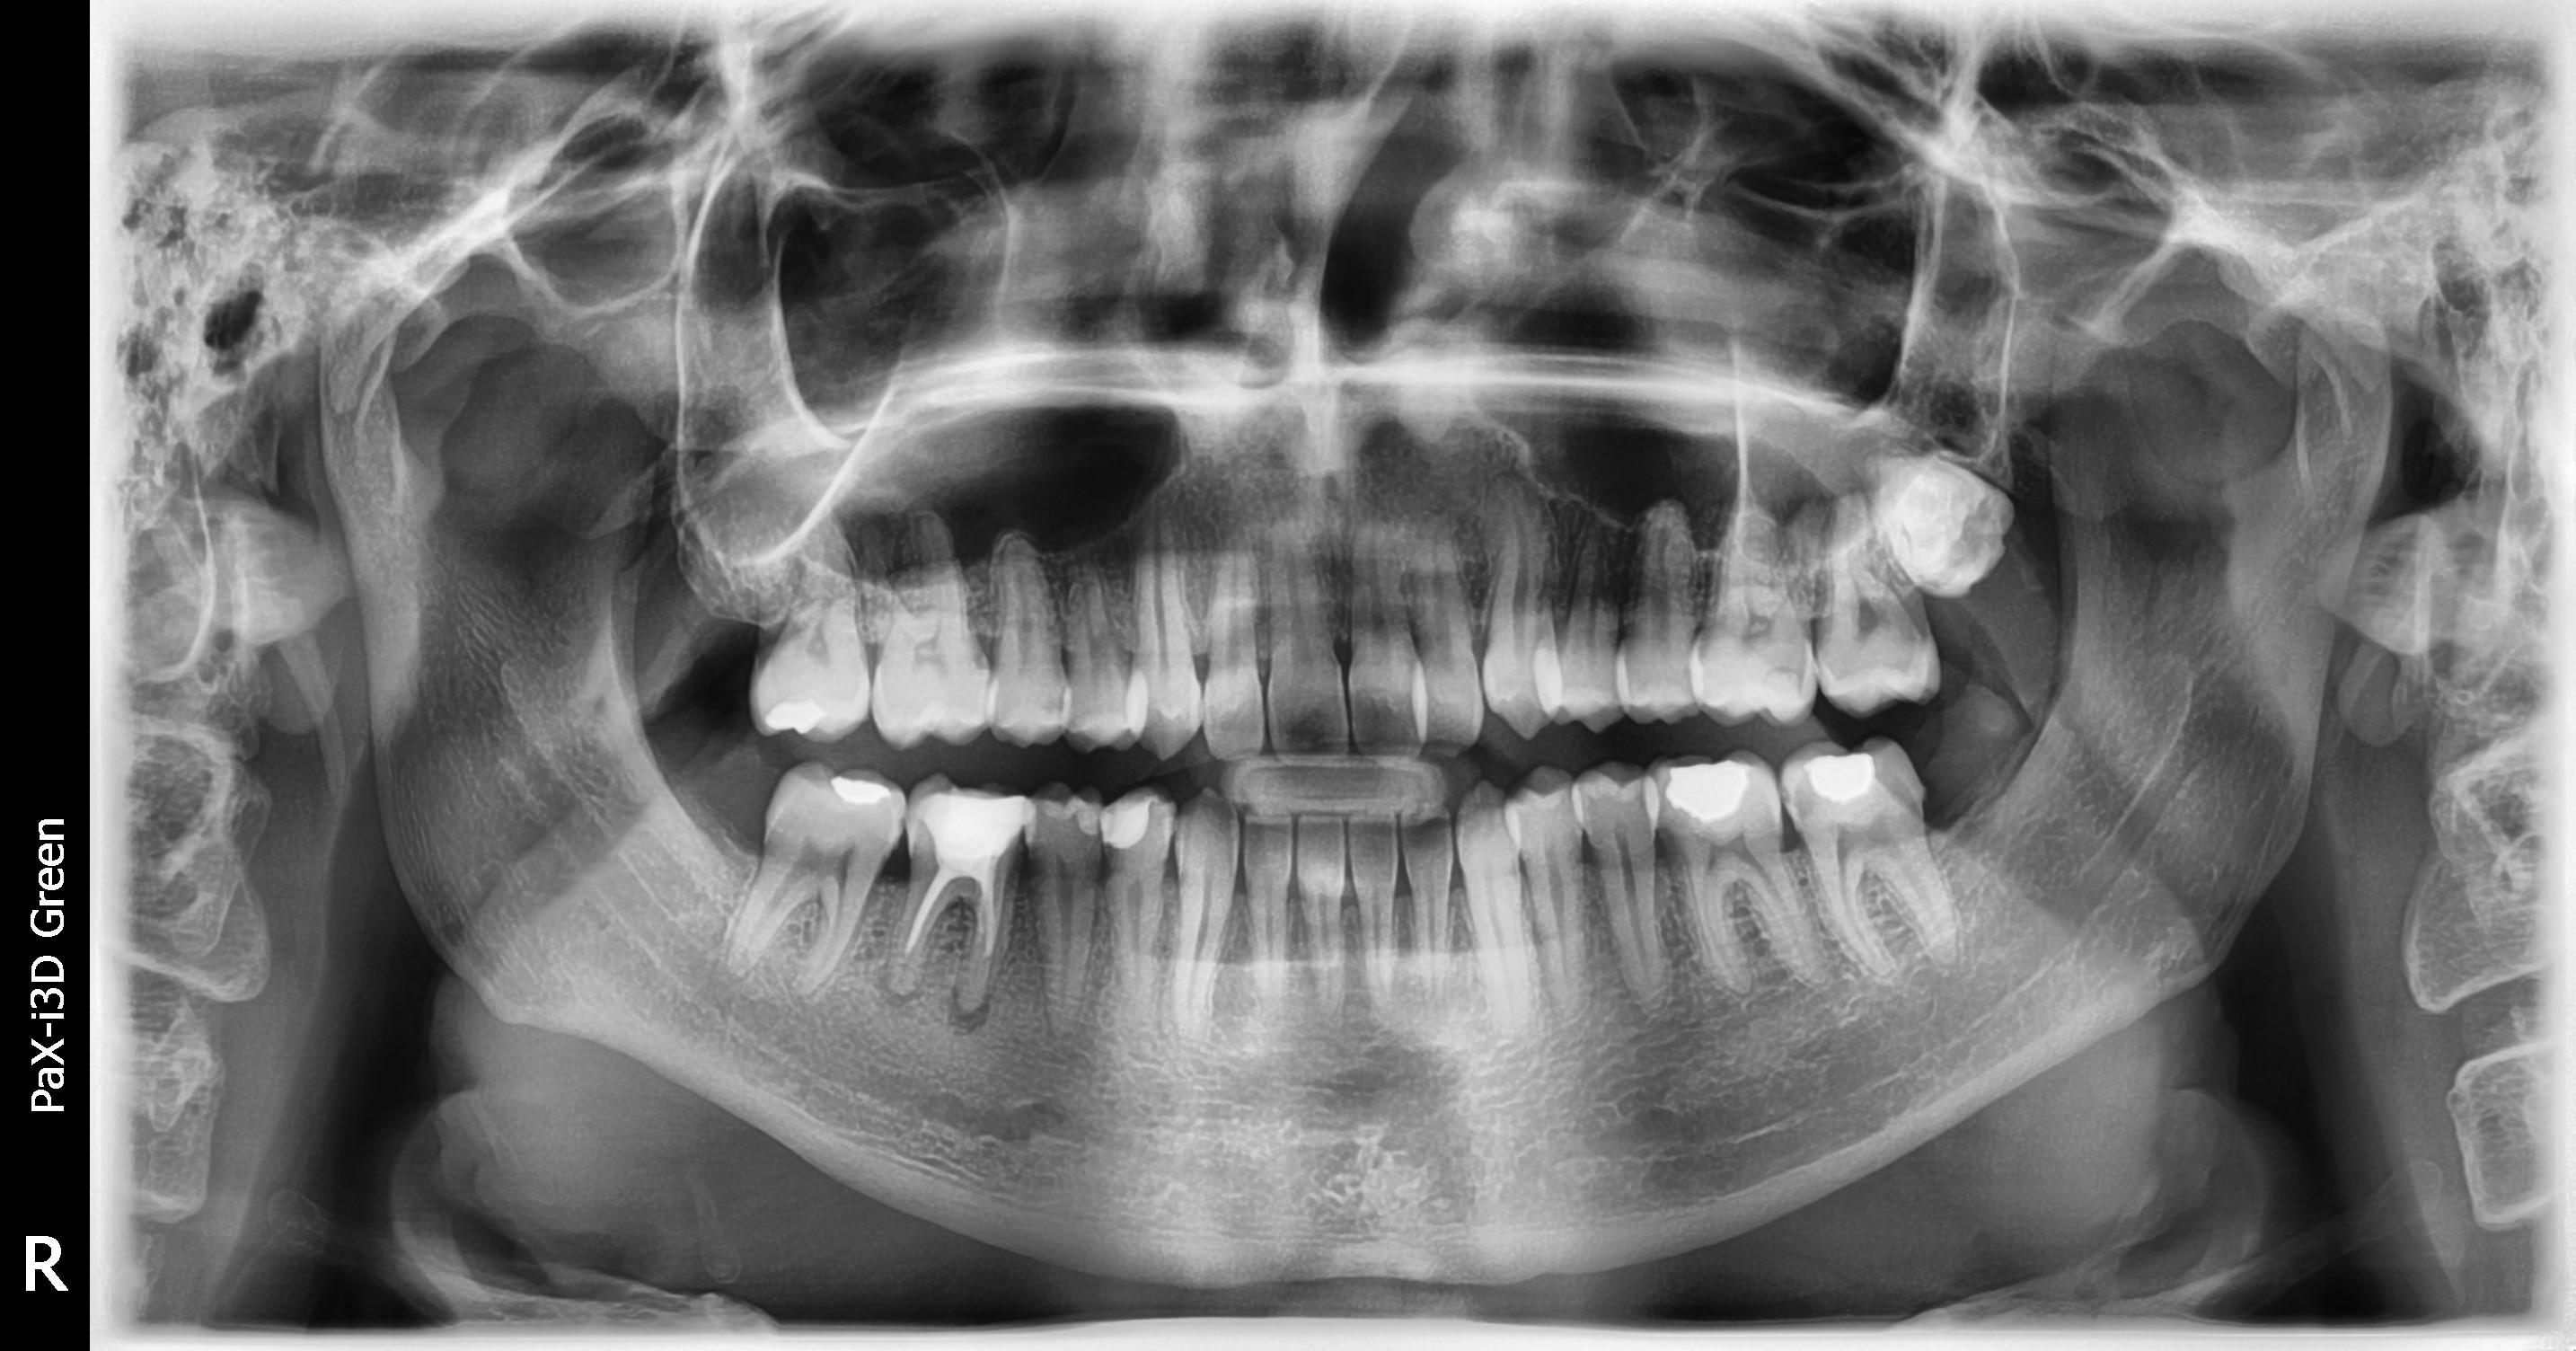 Mi è stata diagnosticata una carie al dente 15